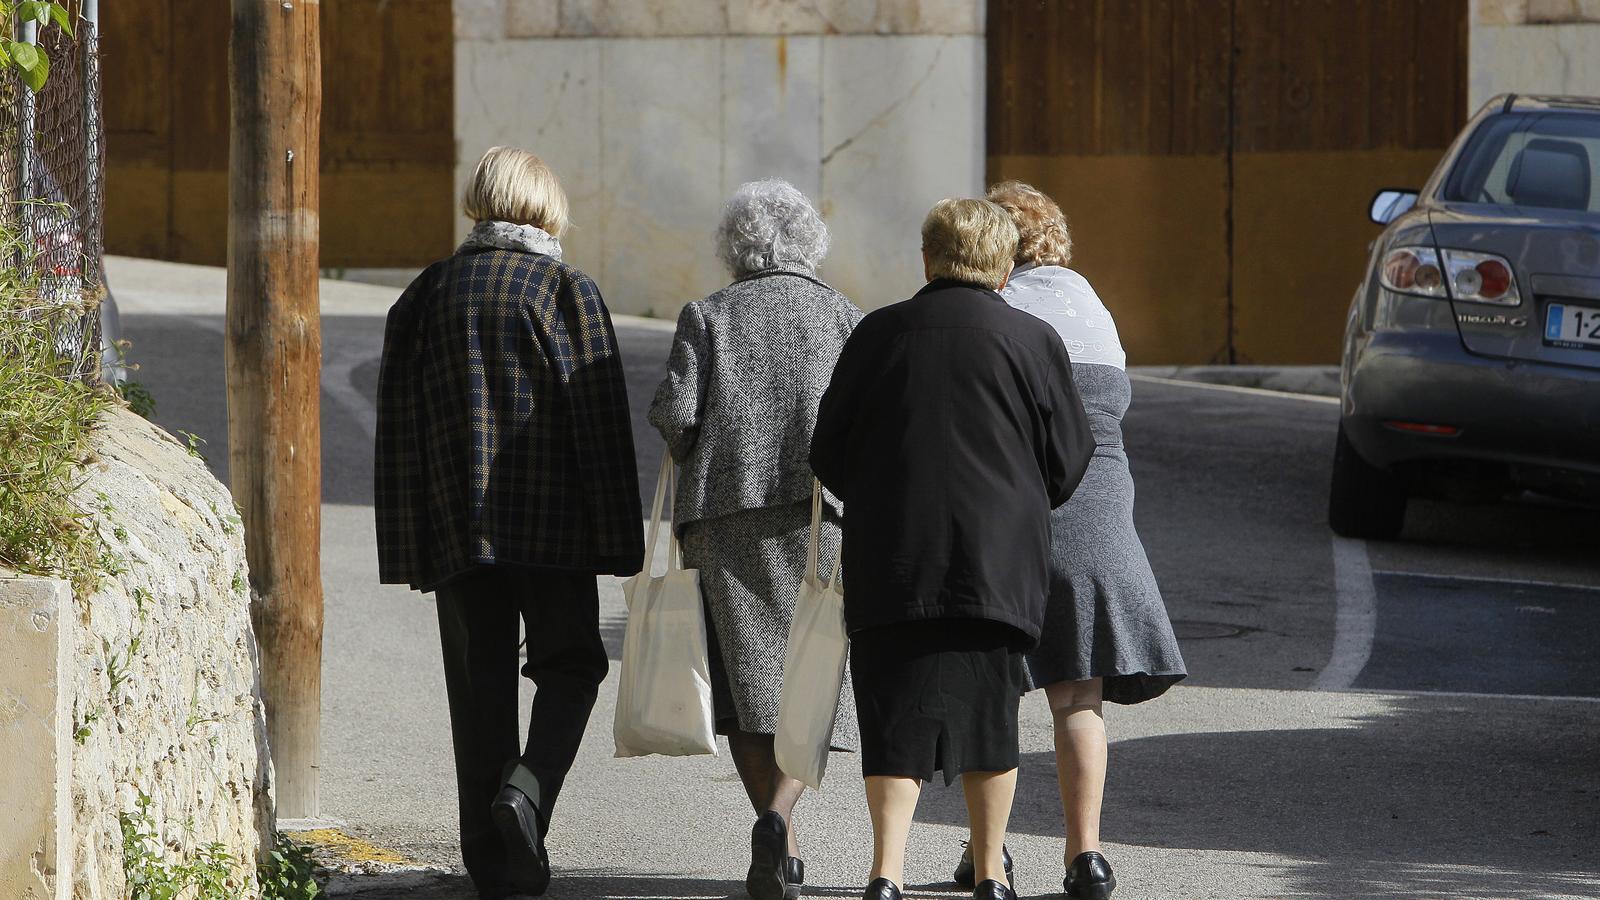 Gent caminant per un carrer.